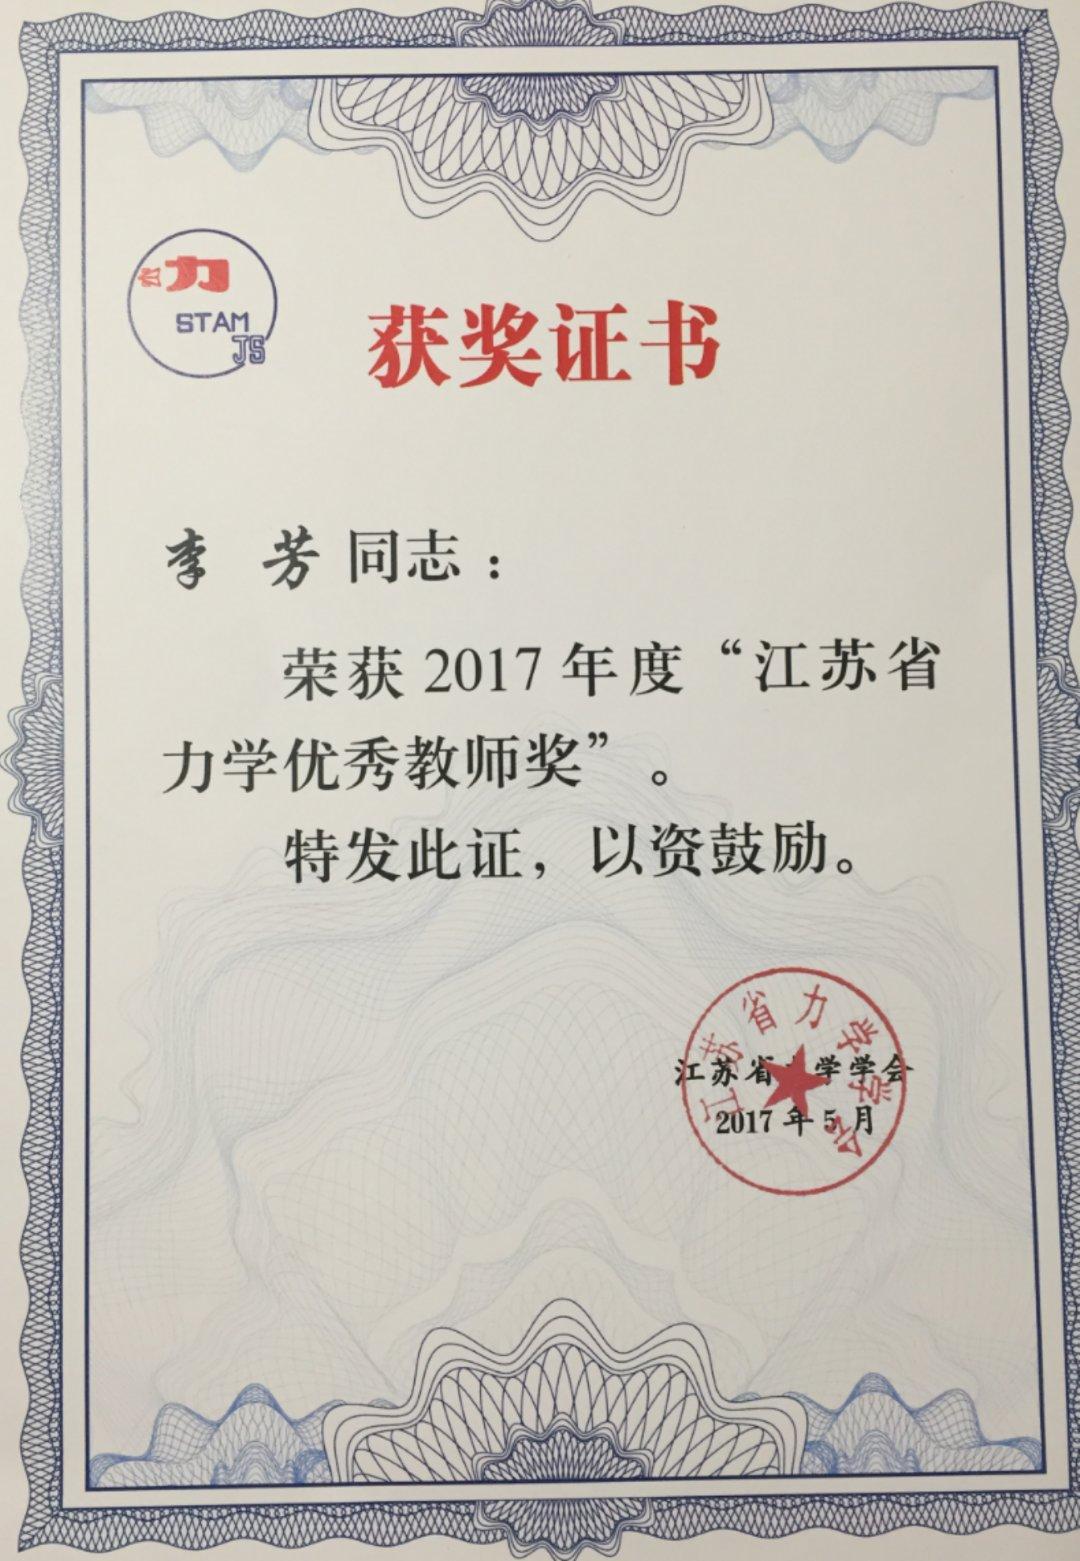 """李芳老师荣获2017中国力学学会""""江苏省力学优秀教师奖"""""""